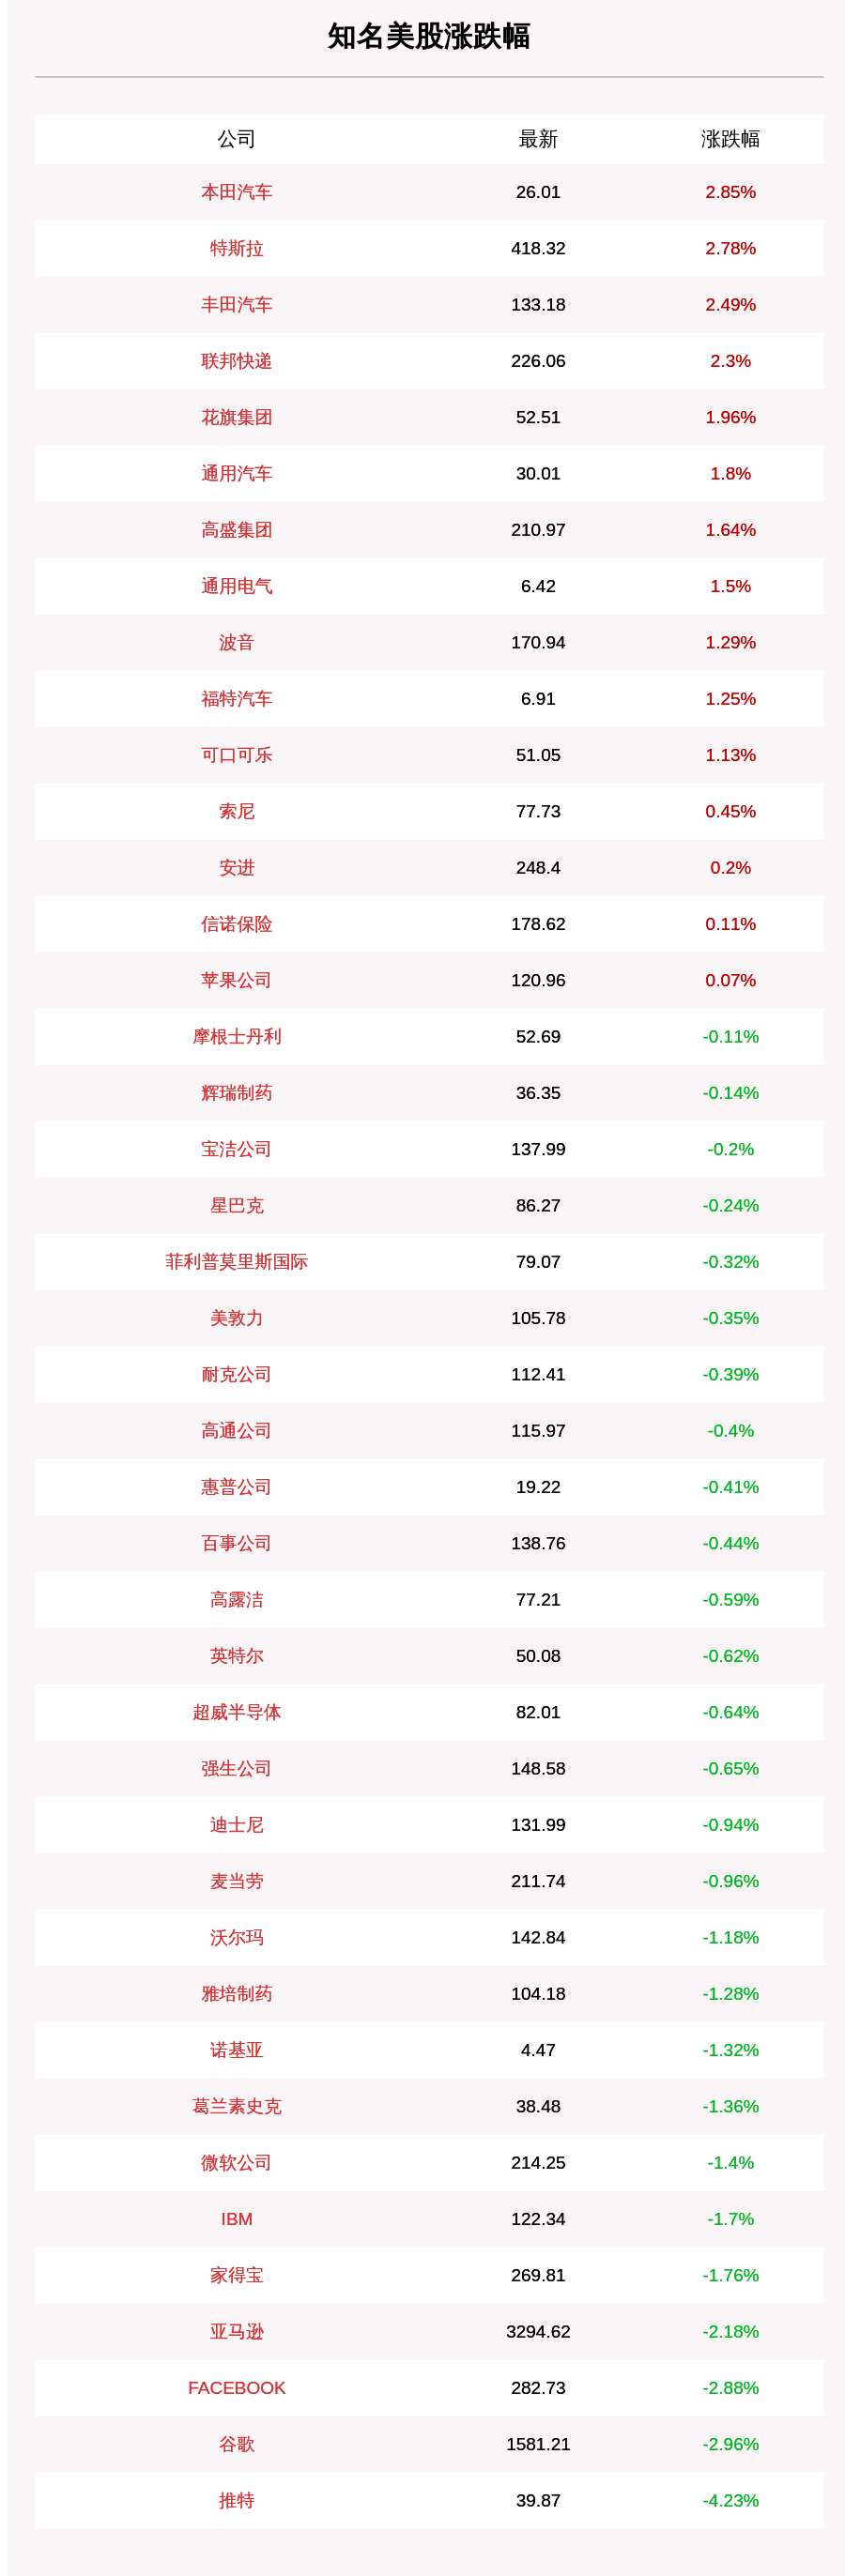 9月5日知名美股收盘情况一览,推特下挫4.23%跌幅据首